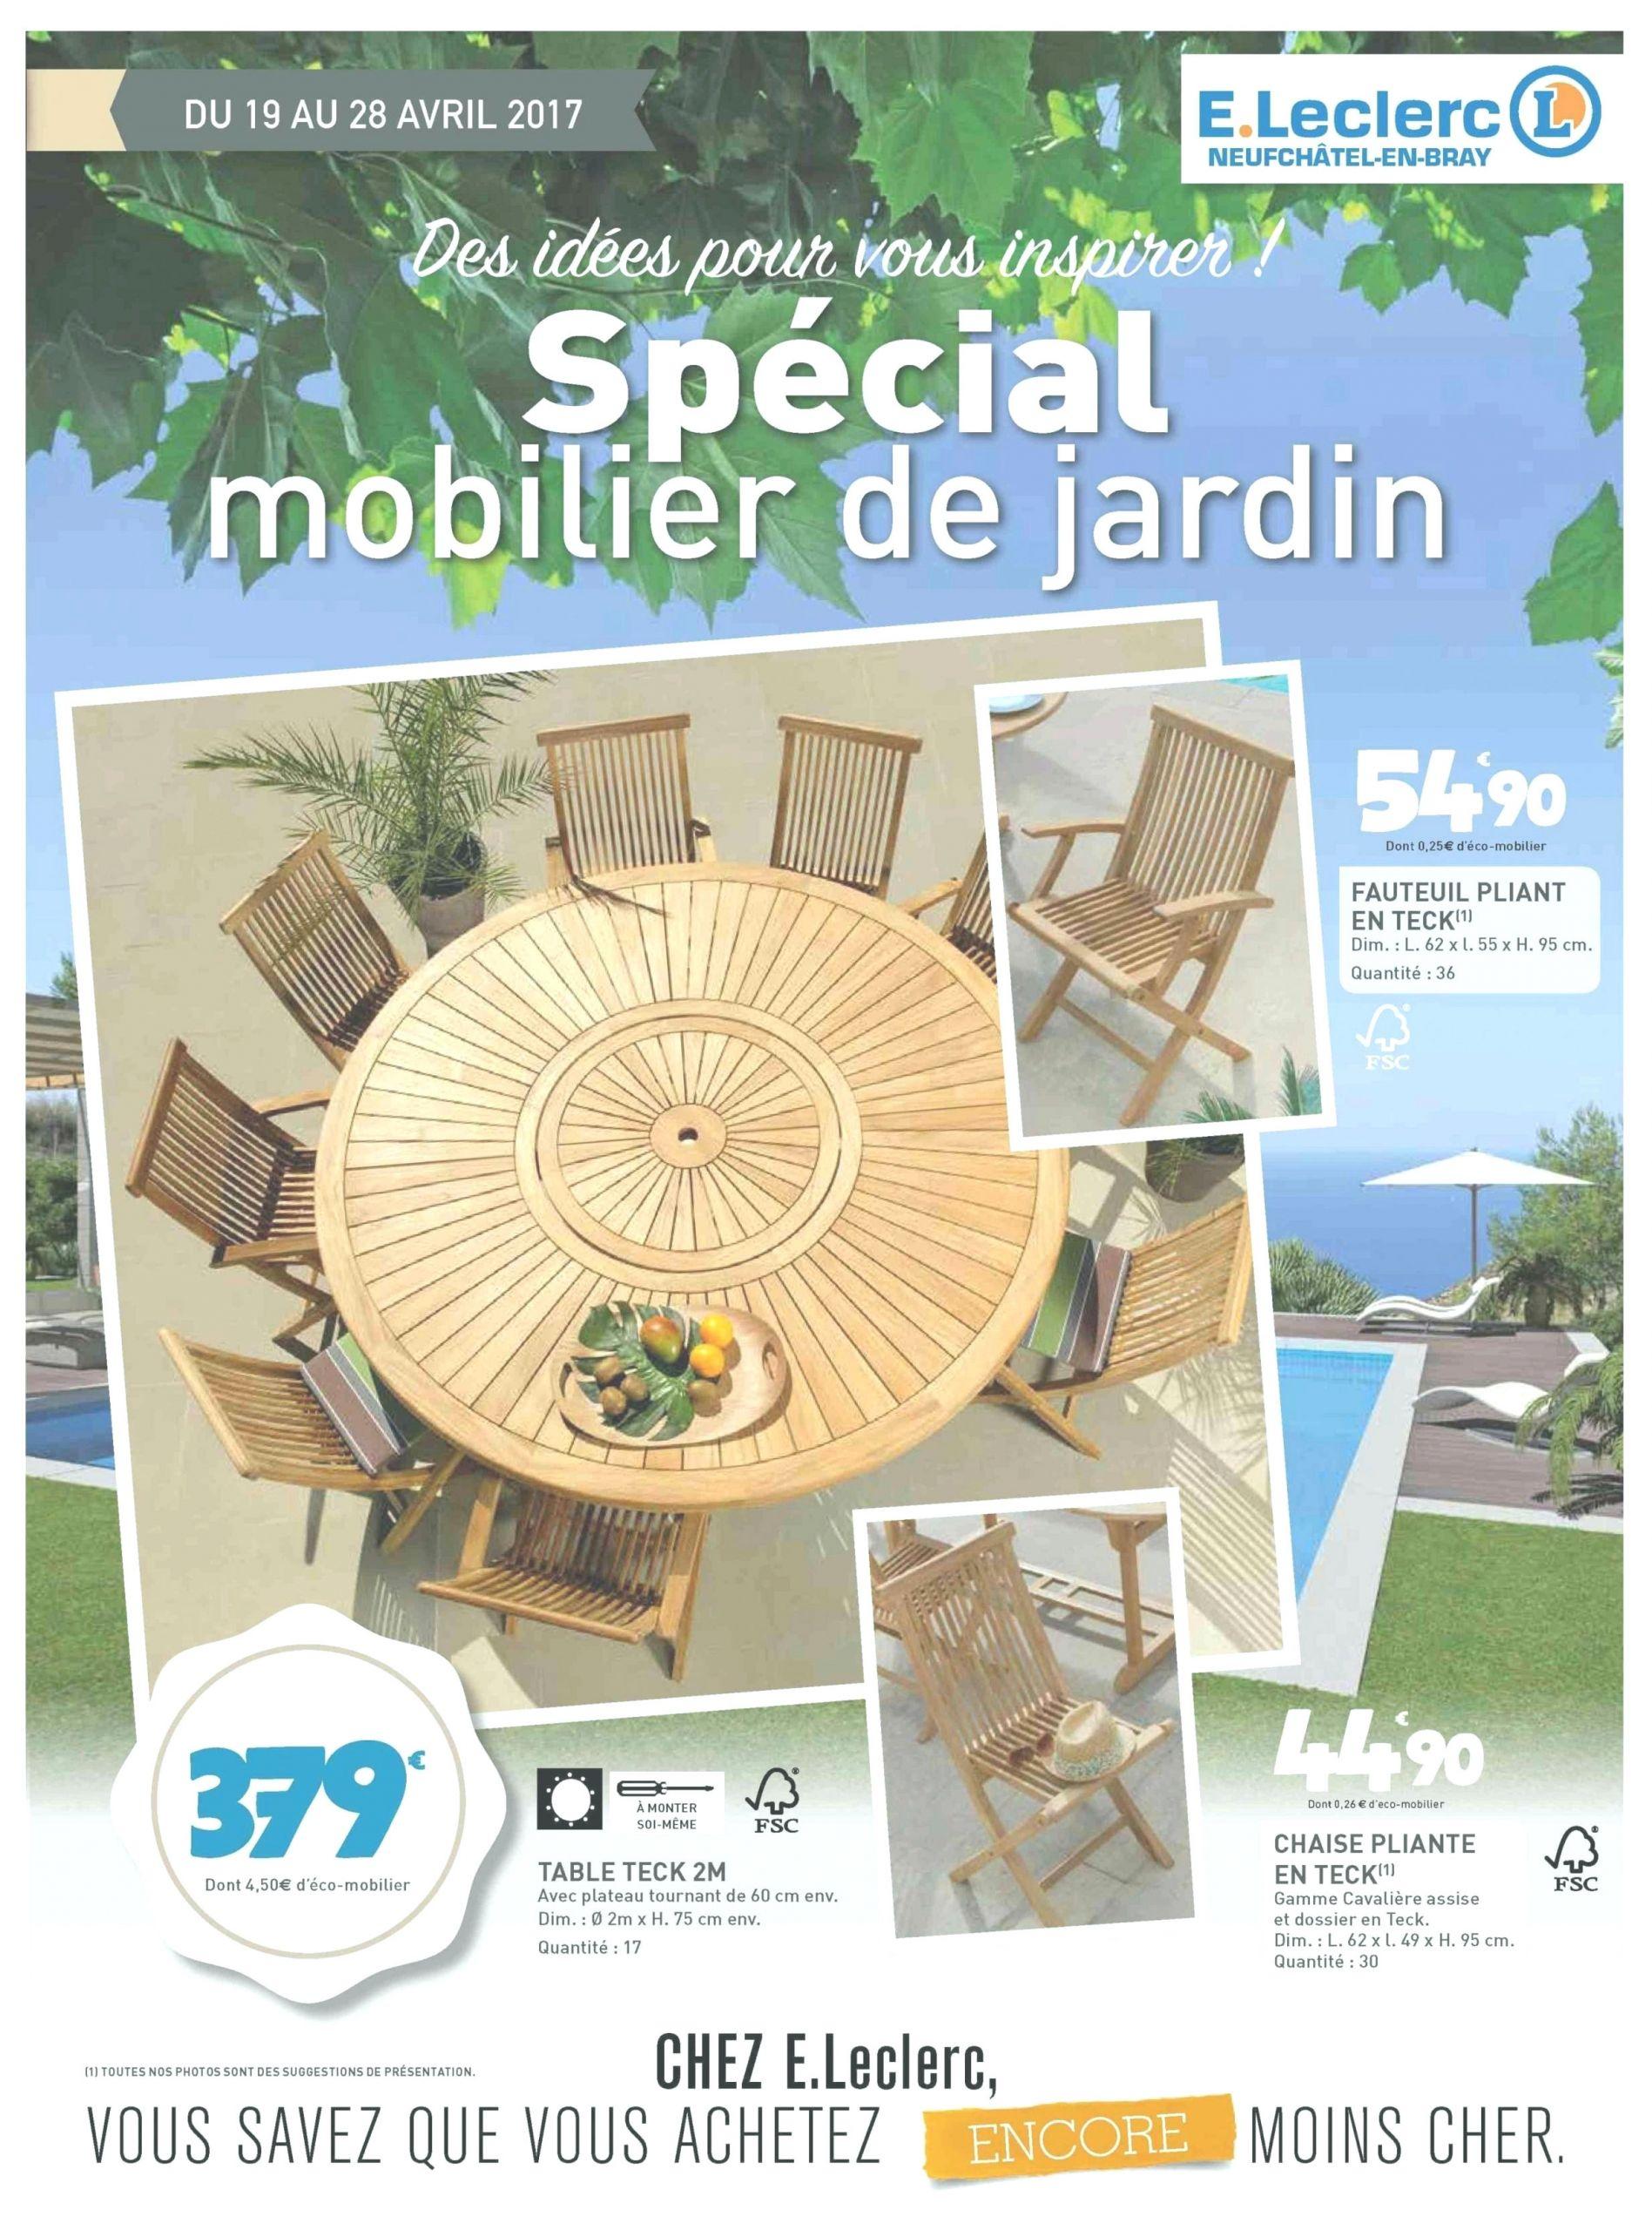 Brico Stock Best Of 29 Concept Brico Depot Meuble | Salon Jardin tout Salon De Jardin Brico Depot